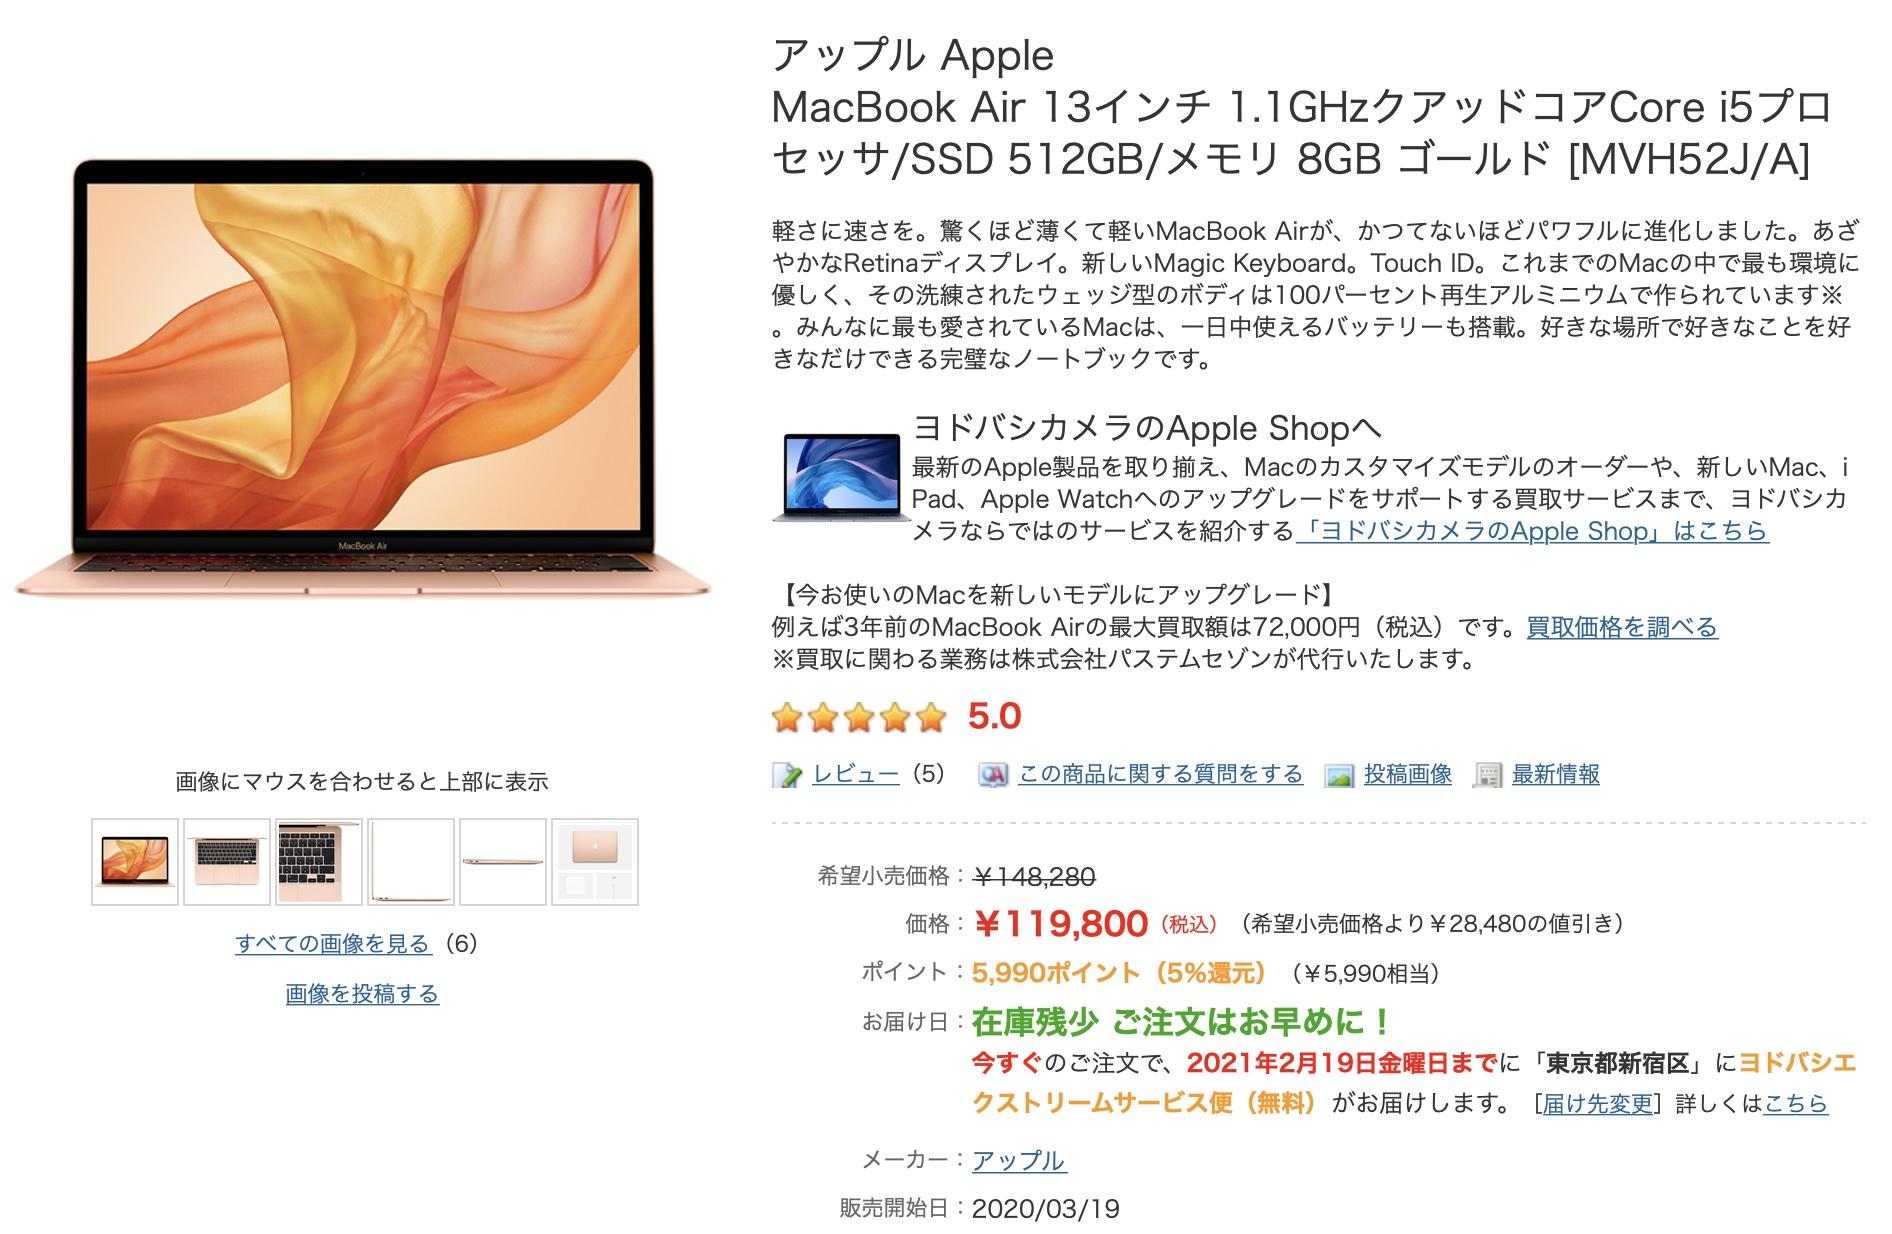 ヨドバシカメラでMacBook Airがセール販売中